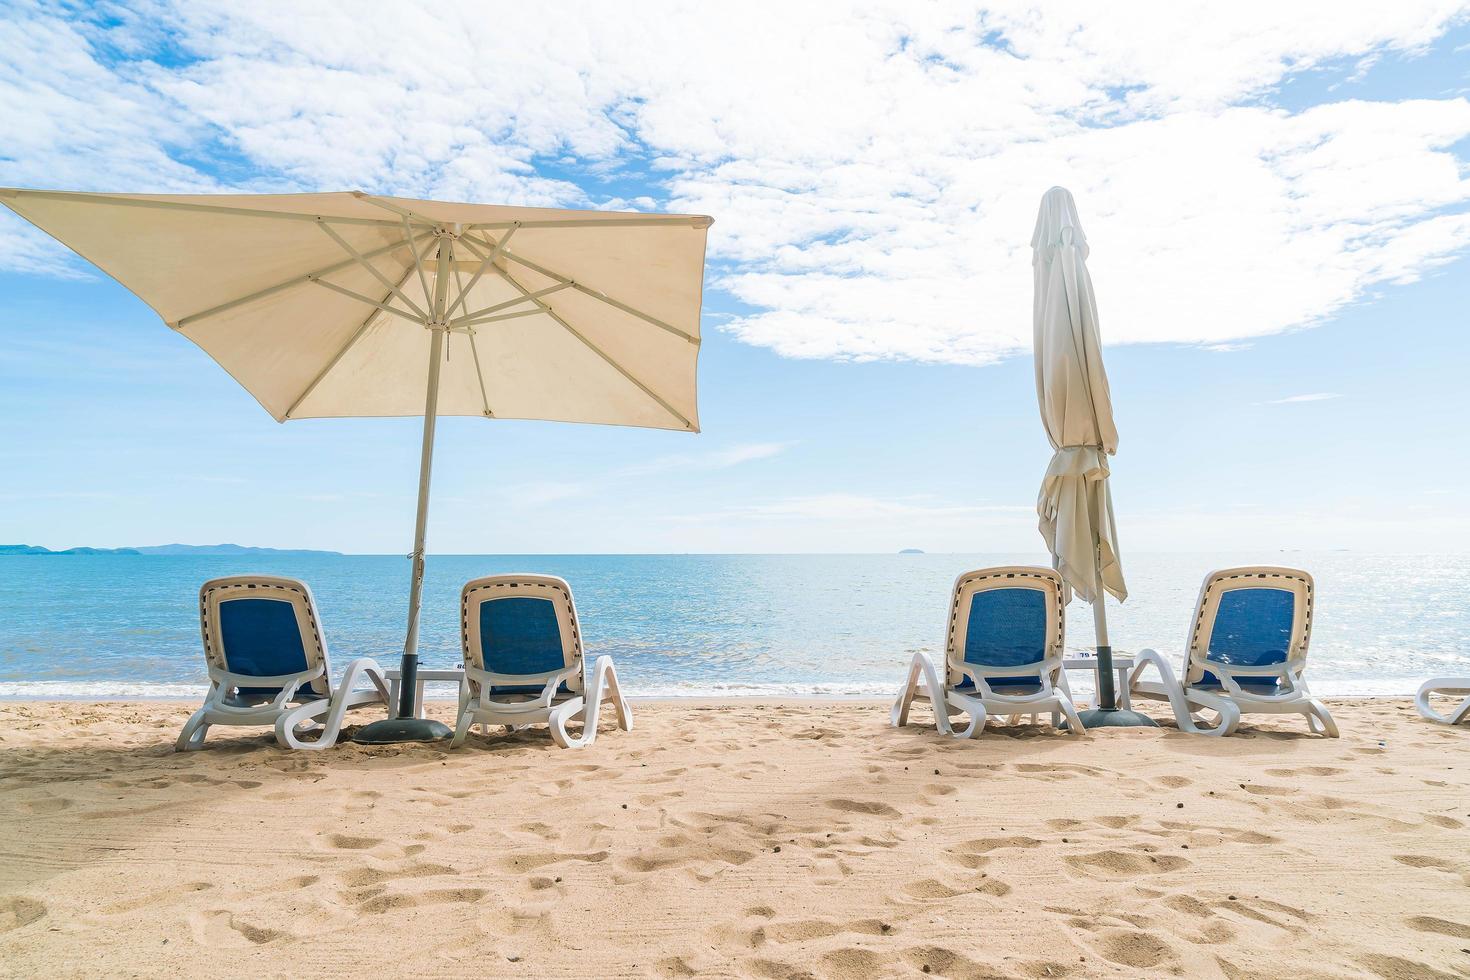 buiten met parasol en stoel op mooi tropisch strand en zee foto